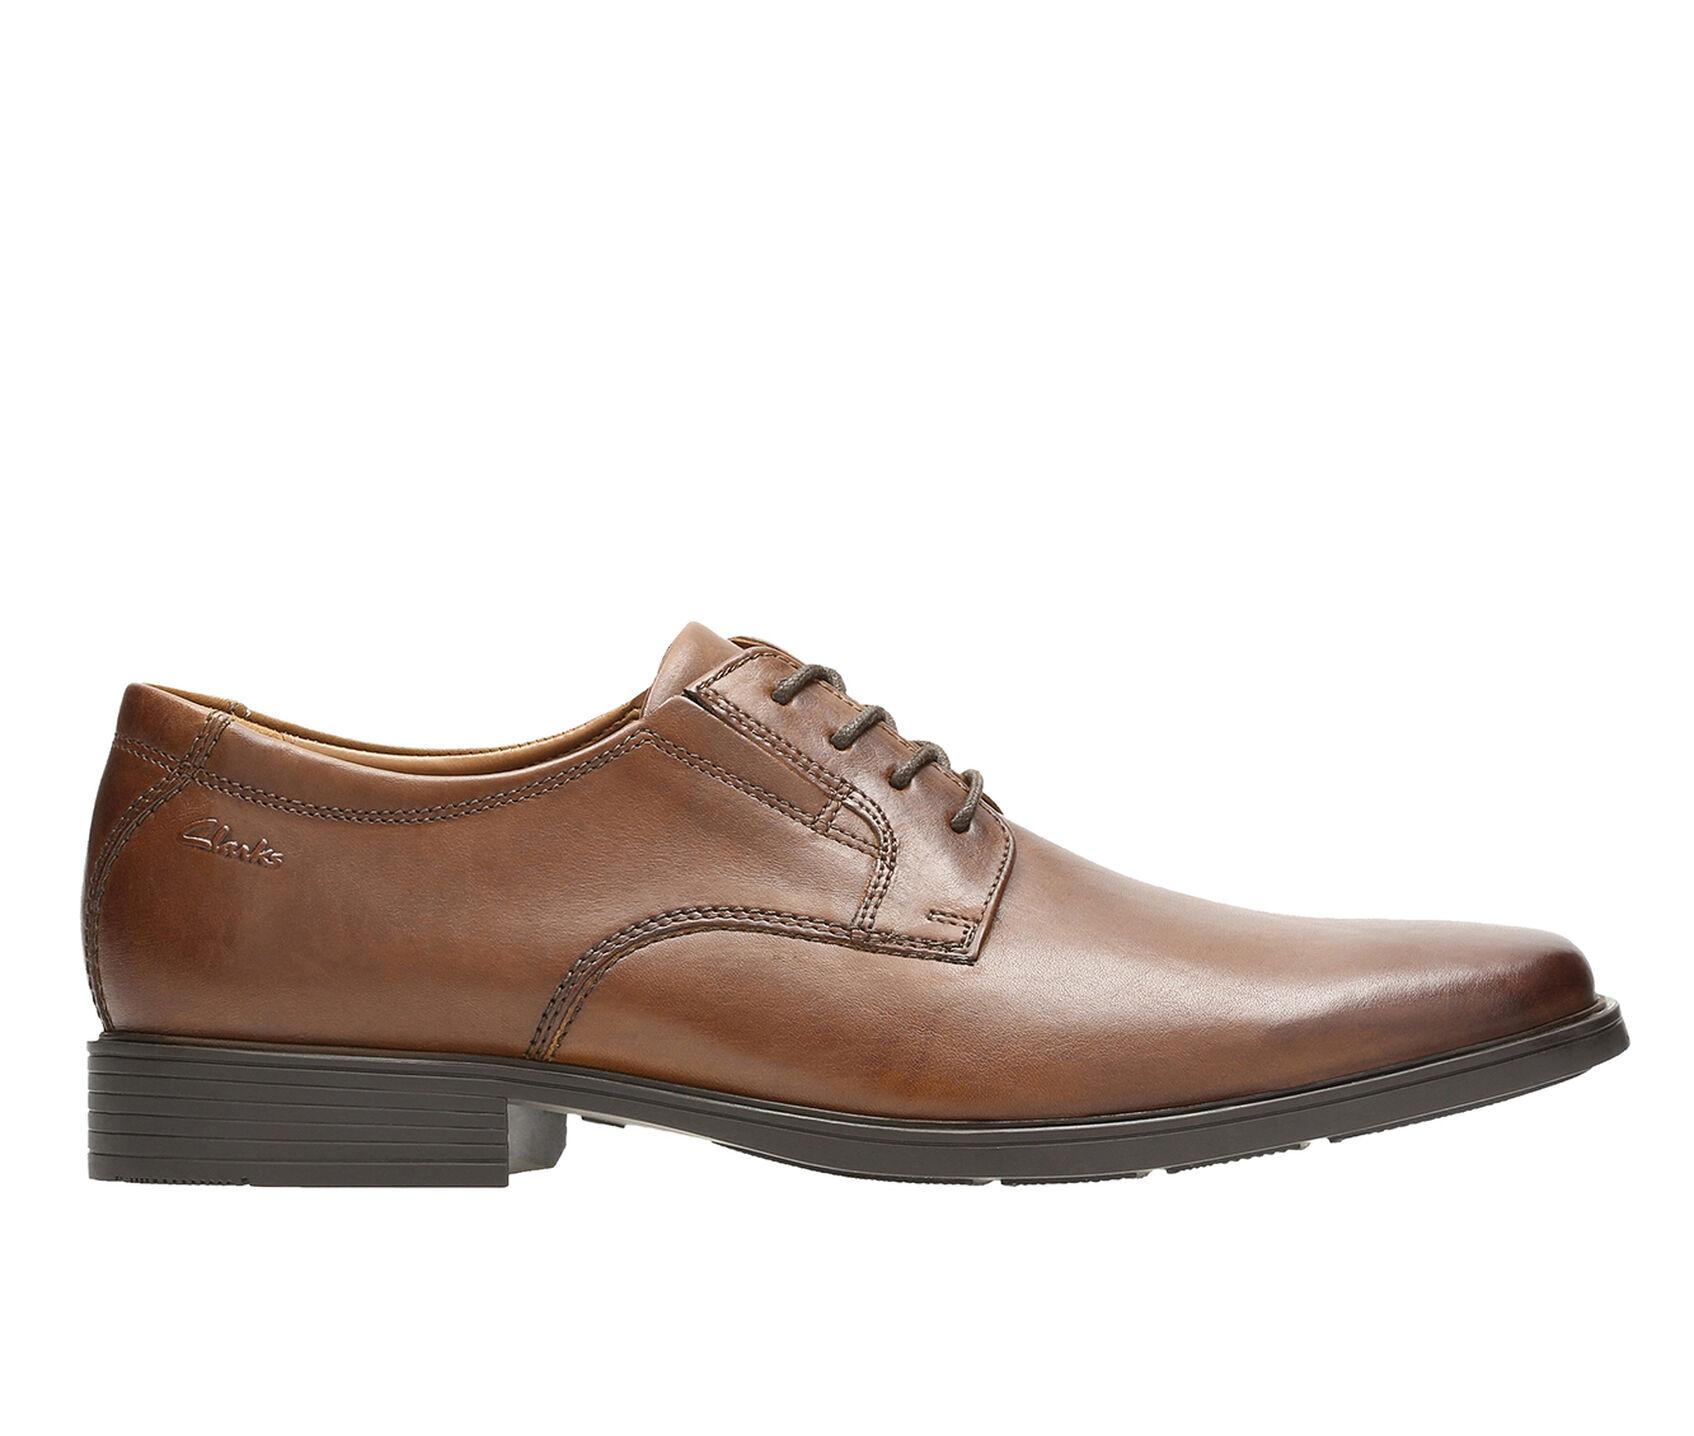 933c2ff1d27c8 Men's Clarks Tilden Plain Toe Dress Shoes | Shoe Carnival